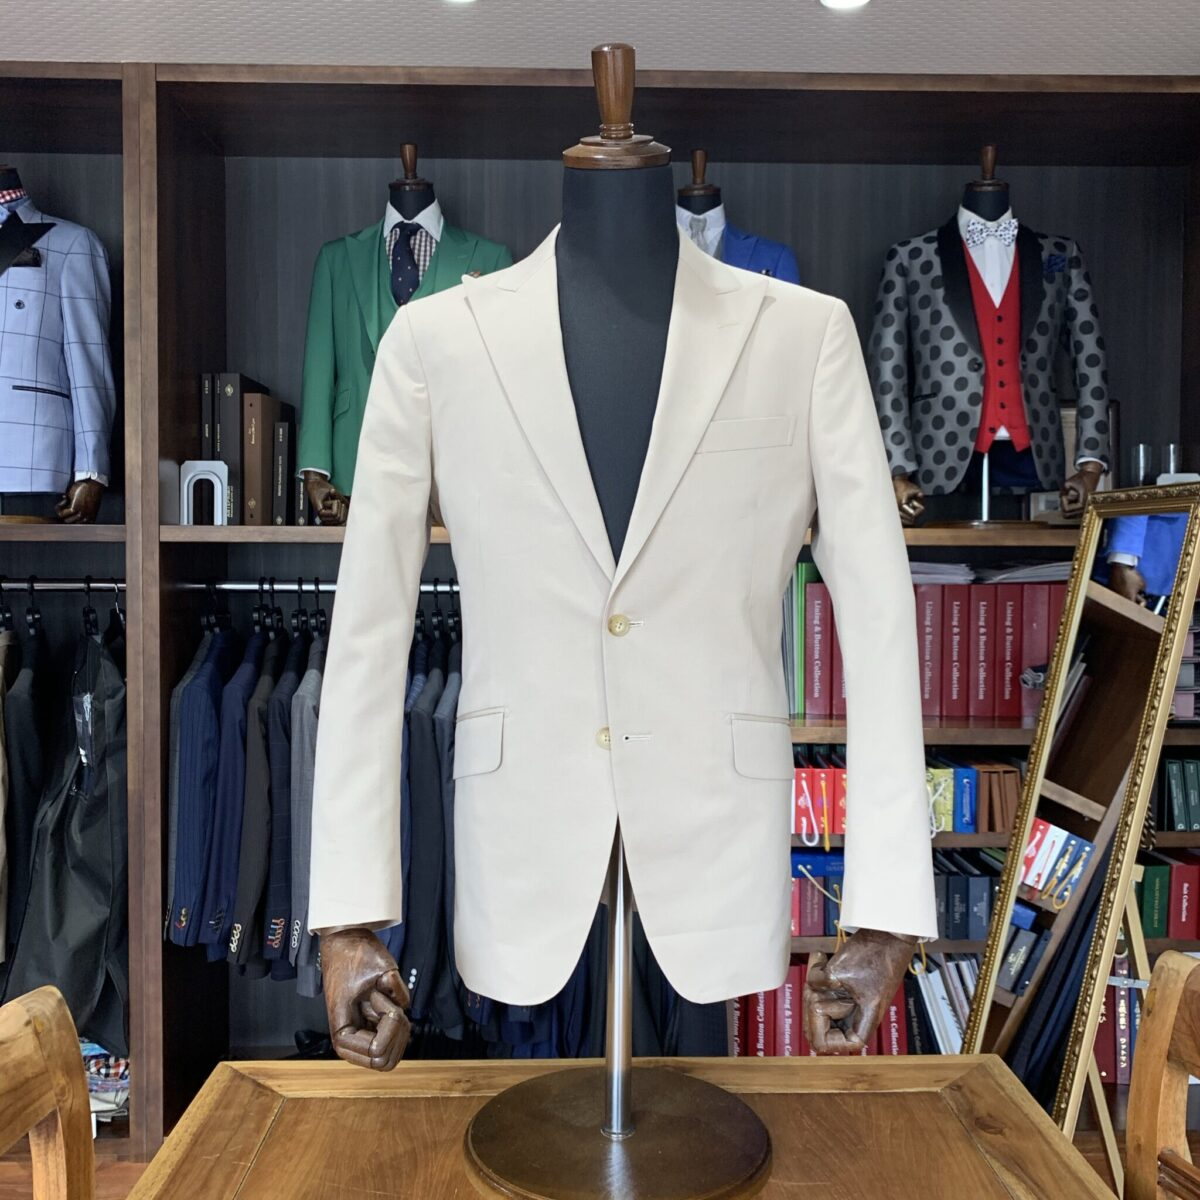 滋賀県守山市N様のオーダースーツを仕上げさせていただきました!